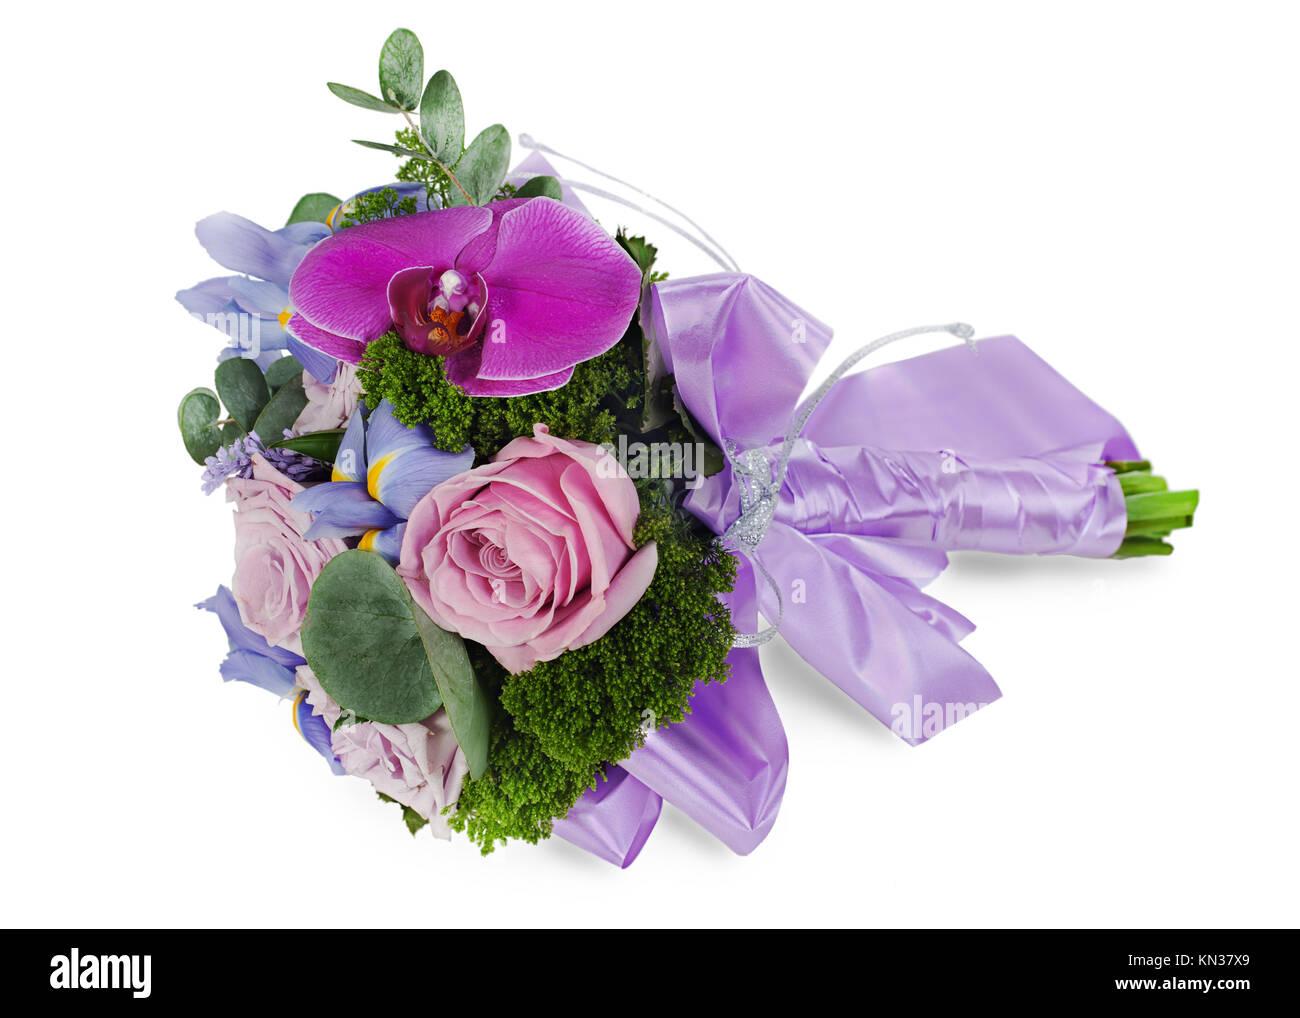 Bouquet Sposa Iris.Fiori Colorati In Wedding Bouquet Per La Sposa Da Roses Iris E